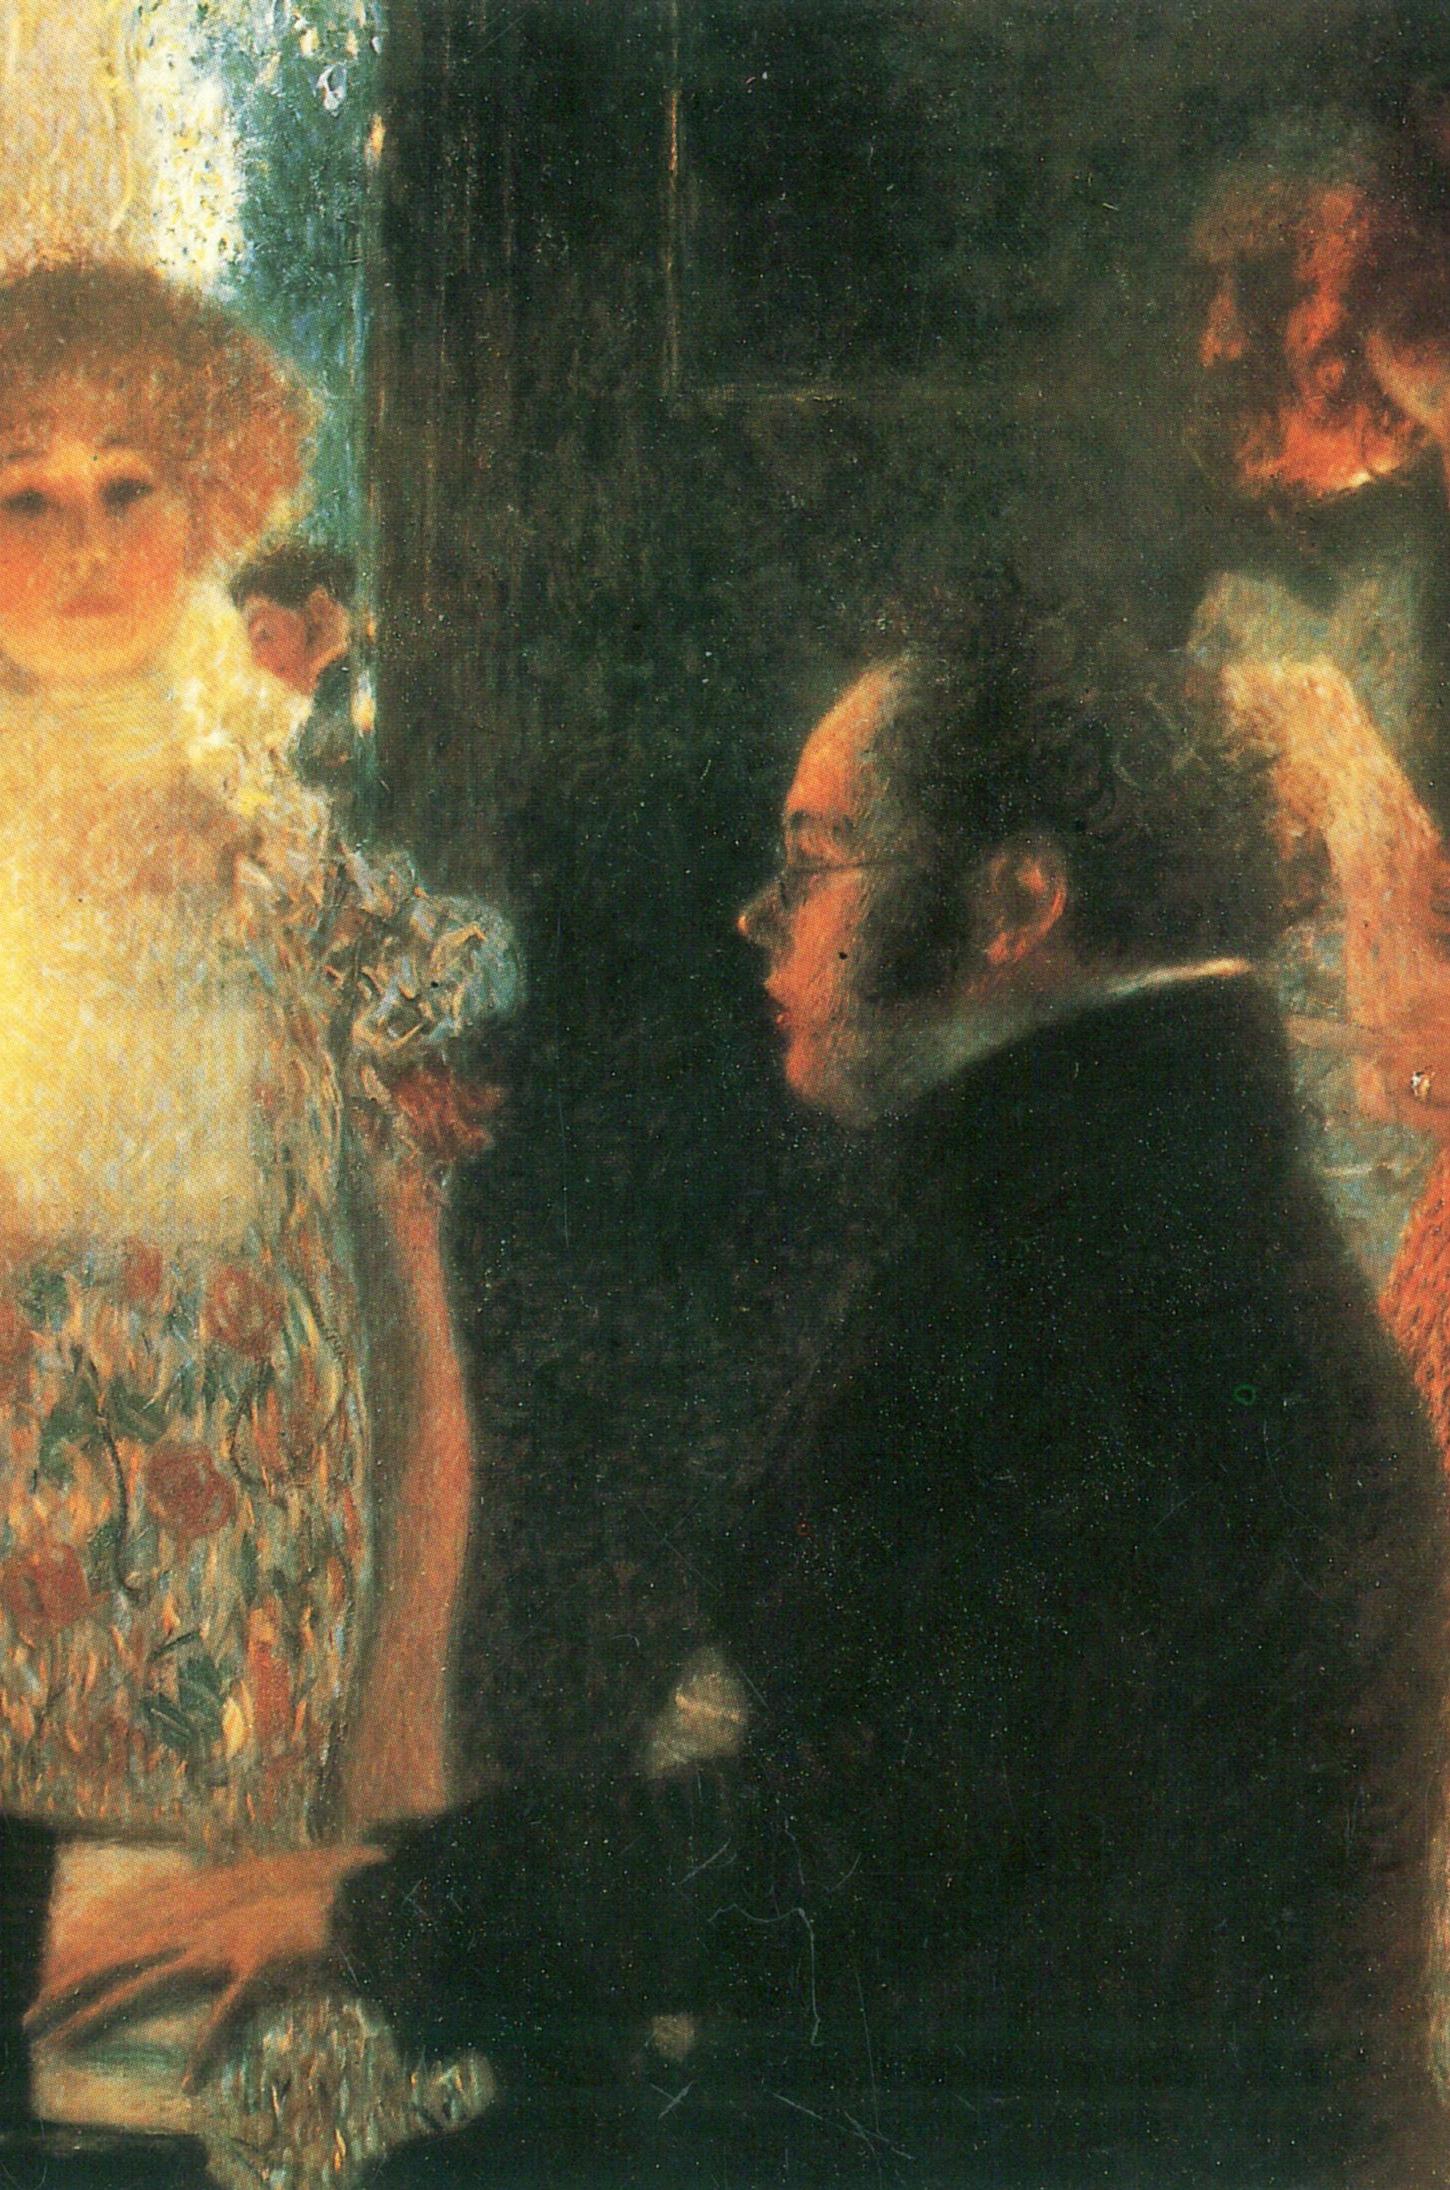 Franz SCHUBERT vu par Gustav KLIMT en 1899, extrait